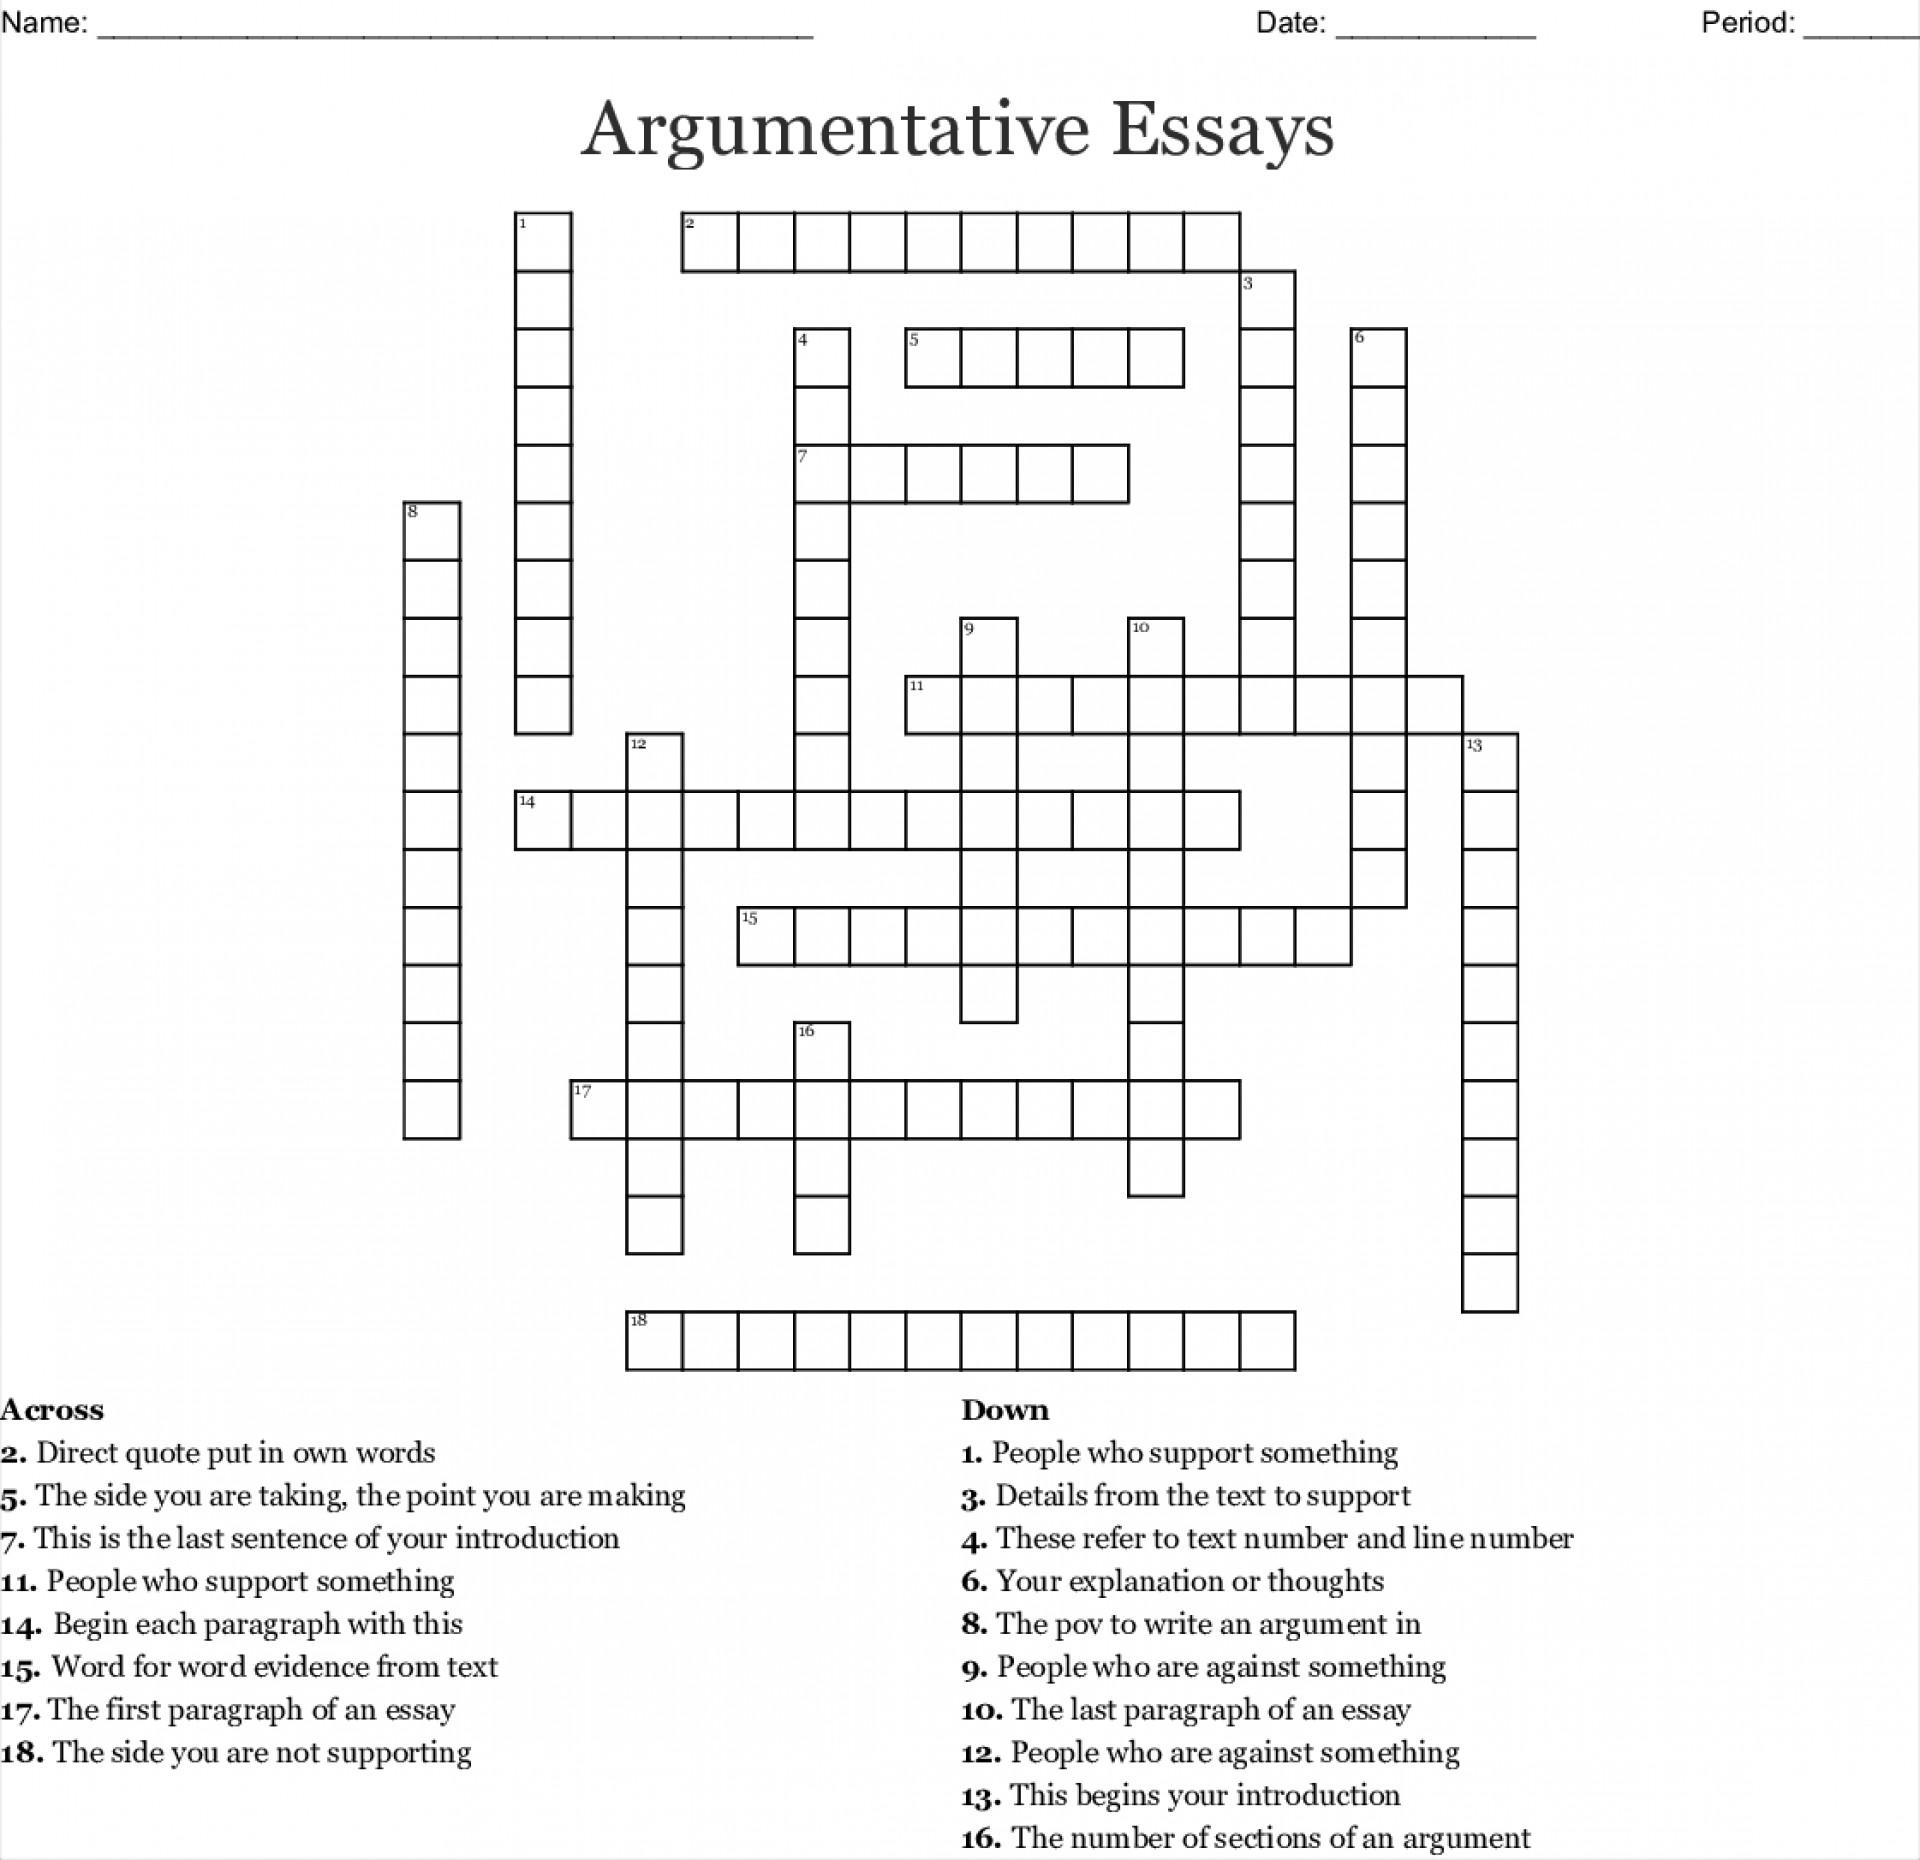 002 Essay Example Crossword Argumentative Essays 553420 Fascinating Byline Clue Short Puzzle Persuasive 1920